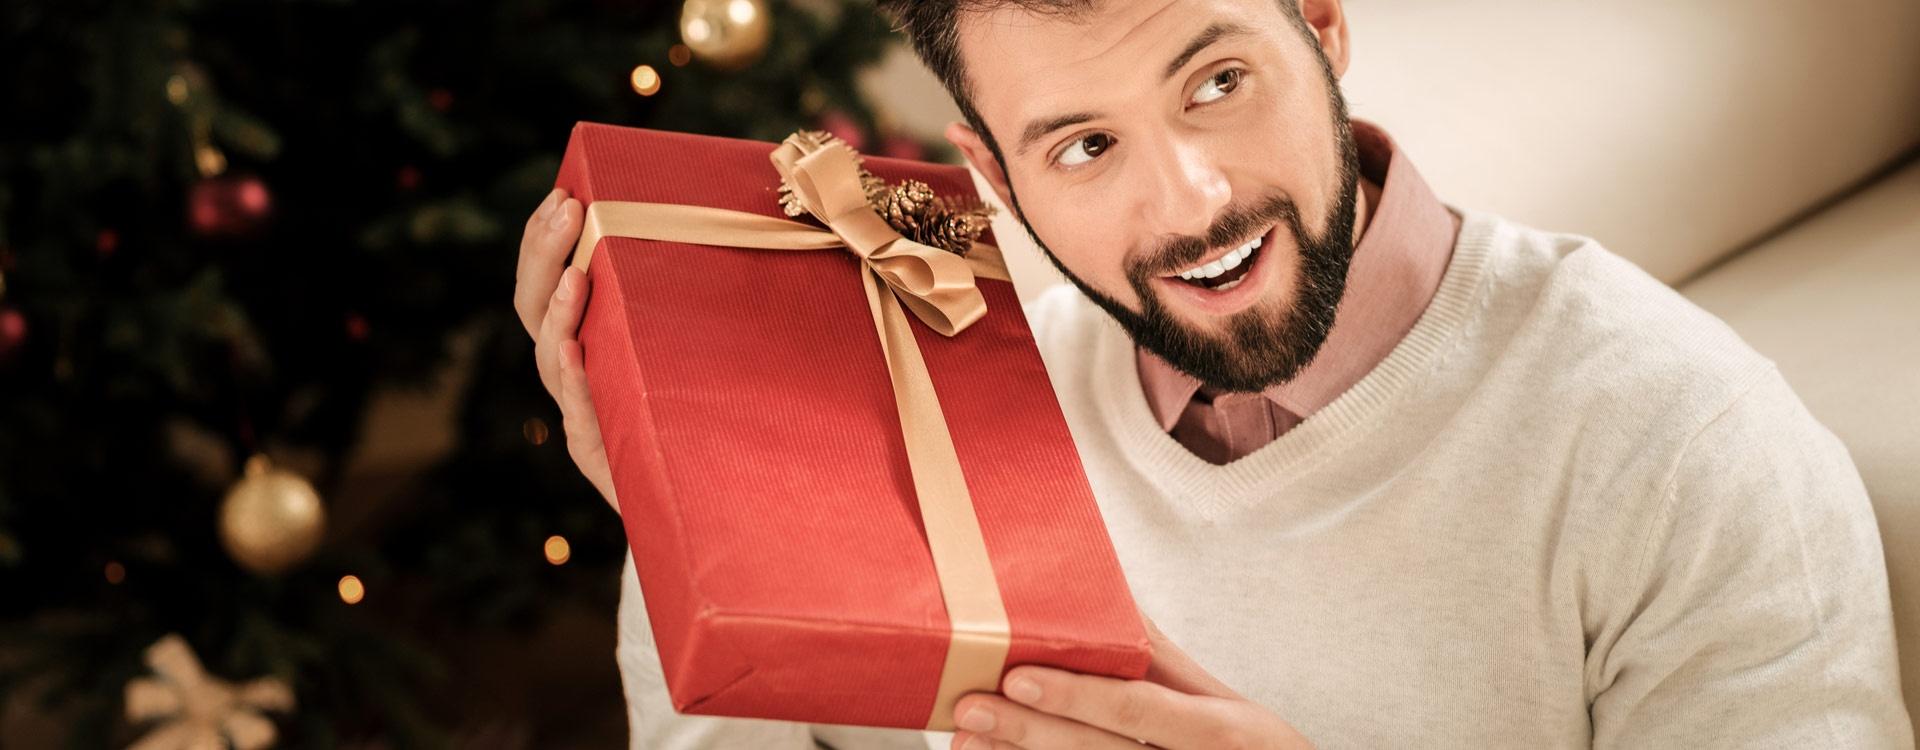 Poradnik Świętego Mikołaja – prezent idealny dla niego